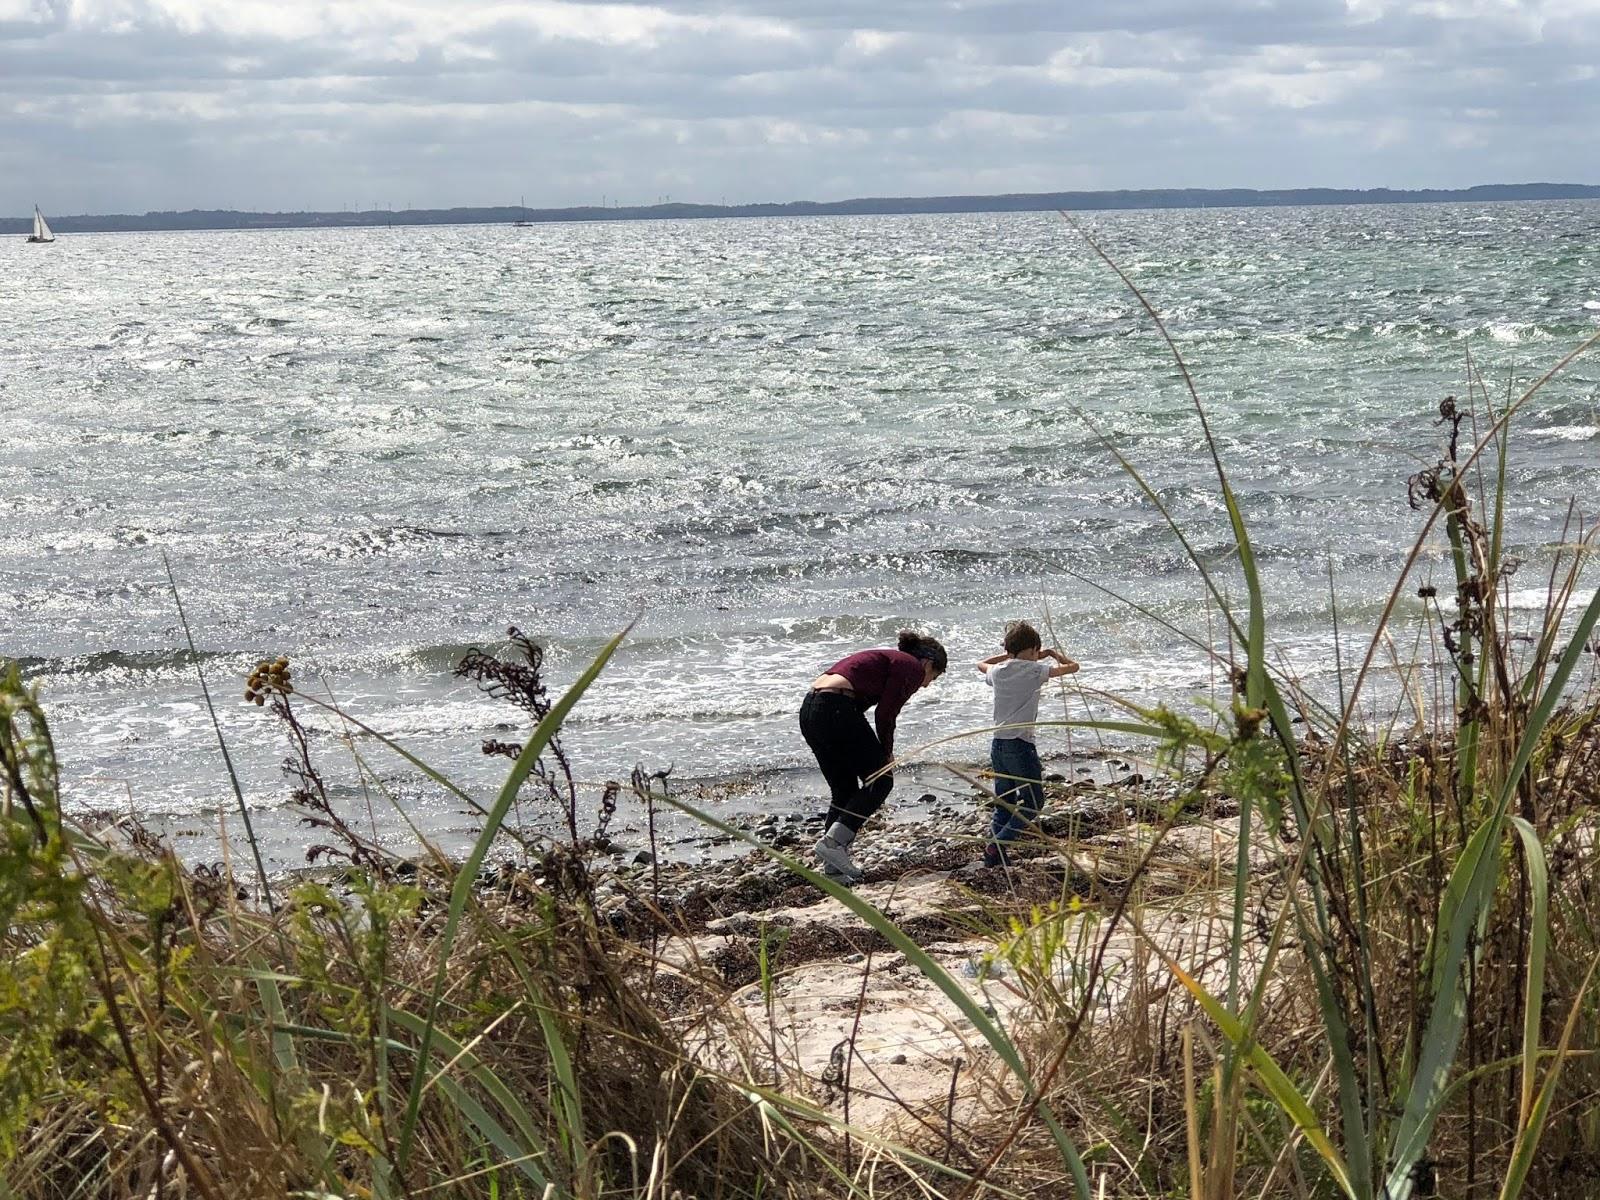 Die Kinder finden Schätze am Meeresufer. Kegnaes, Dänemark